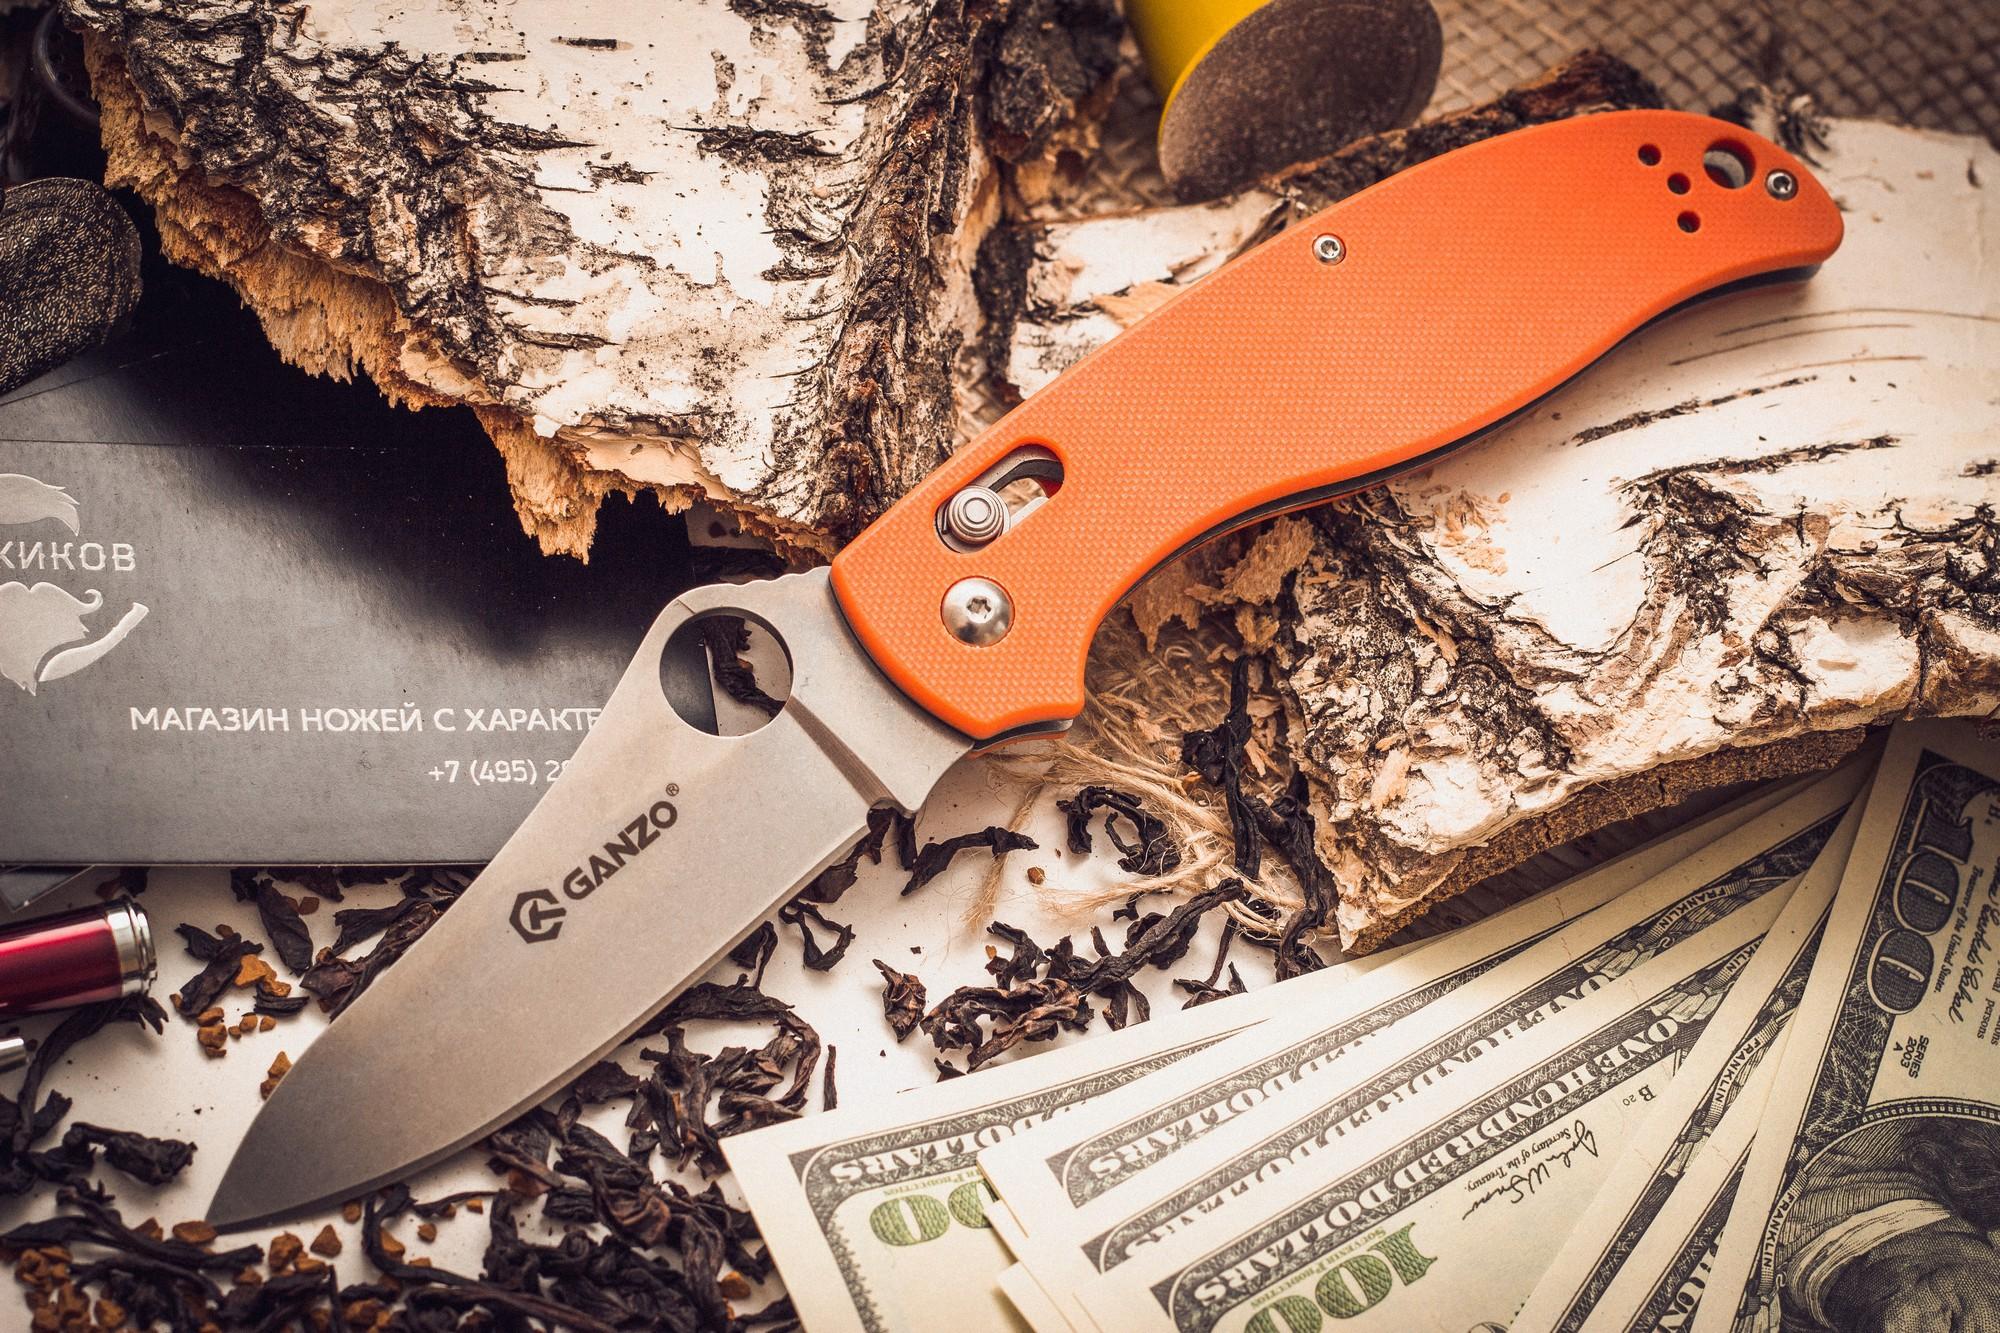 Складной нож Ganzo G733, оранжевыйРаскладные ножи<br>Ganzo G733 занял достойное место в обширном семействе складных ножей этого бренда. Производители снабдили его всем необходимым, чтобы этот нож прекрасно служил во время отдыха на природе и был полезен в городских условиях. Для лезвия производители избрали сталь 440С из категории нержавеющих сплавов. Она считается лучшей в своей серии, поскольку уравновешивает наиболее важные для ножевого металла характеристики. Сталь переносит контакты с водой, не ржавея, но в ней содержится достаточно много углерода, чтобы твердость закалки можно было довести до 58 HRC. Поэтому ножи из нее достаточно долго не затупляются. Ganzo G733 гладко заточен, а потому для ухода за ним подойдет практически любая карманная или стационарная точилка. Поверхность клинка обработана популярным в настоящее время методом Stone Wash. В результате, лезвие становится практически матовым, хотя и отражает некоторые солнечные лучи. Но важно, что мелкие дефекты, такие как царапины, на его поверхности гораздо менее заметны.<br>Для рукоятки также задействованы современные материалы. Это G10 – пластик с композитной структурой, который гораздо прочнее других разновидностей пластика. Чтобы рукоятка ножа удобно лежала в руке, ей придали форму, повторяющую очертания сжатой ладони. А поверхность пластика — с накаткой, которая препятствует проскальзыванию во влажных руках. На одной из сторон, зафиксирована клипса из стали, которая служит для страховочного крепления ножа во время его переноски. С этой же целью, в рукоятку можно продеть темляк.<br>Сделан по аналогузнаменитогоножа Spyderco.<br>